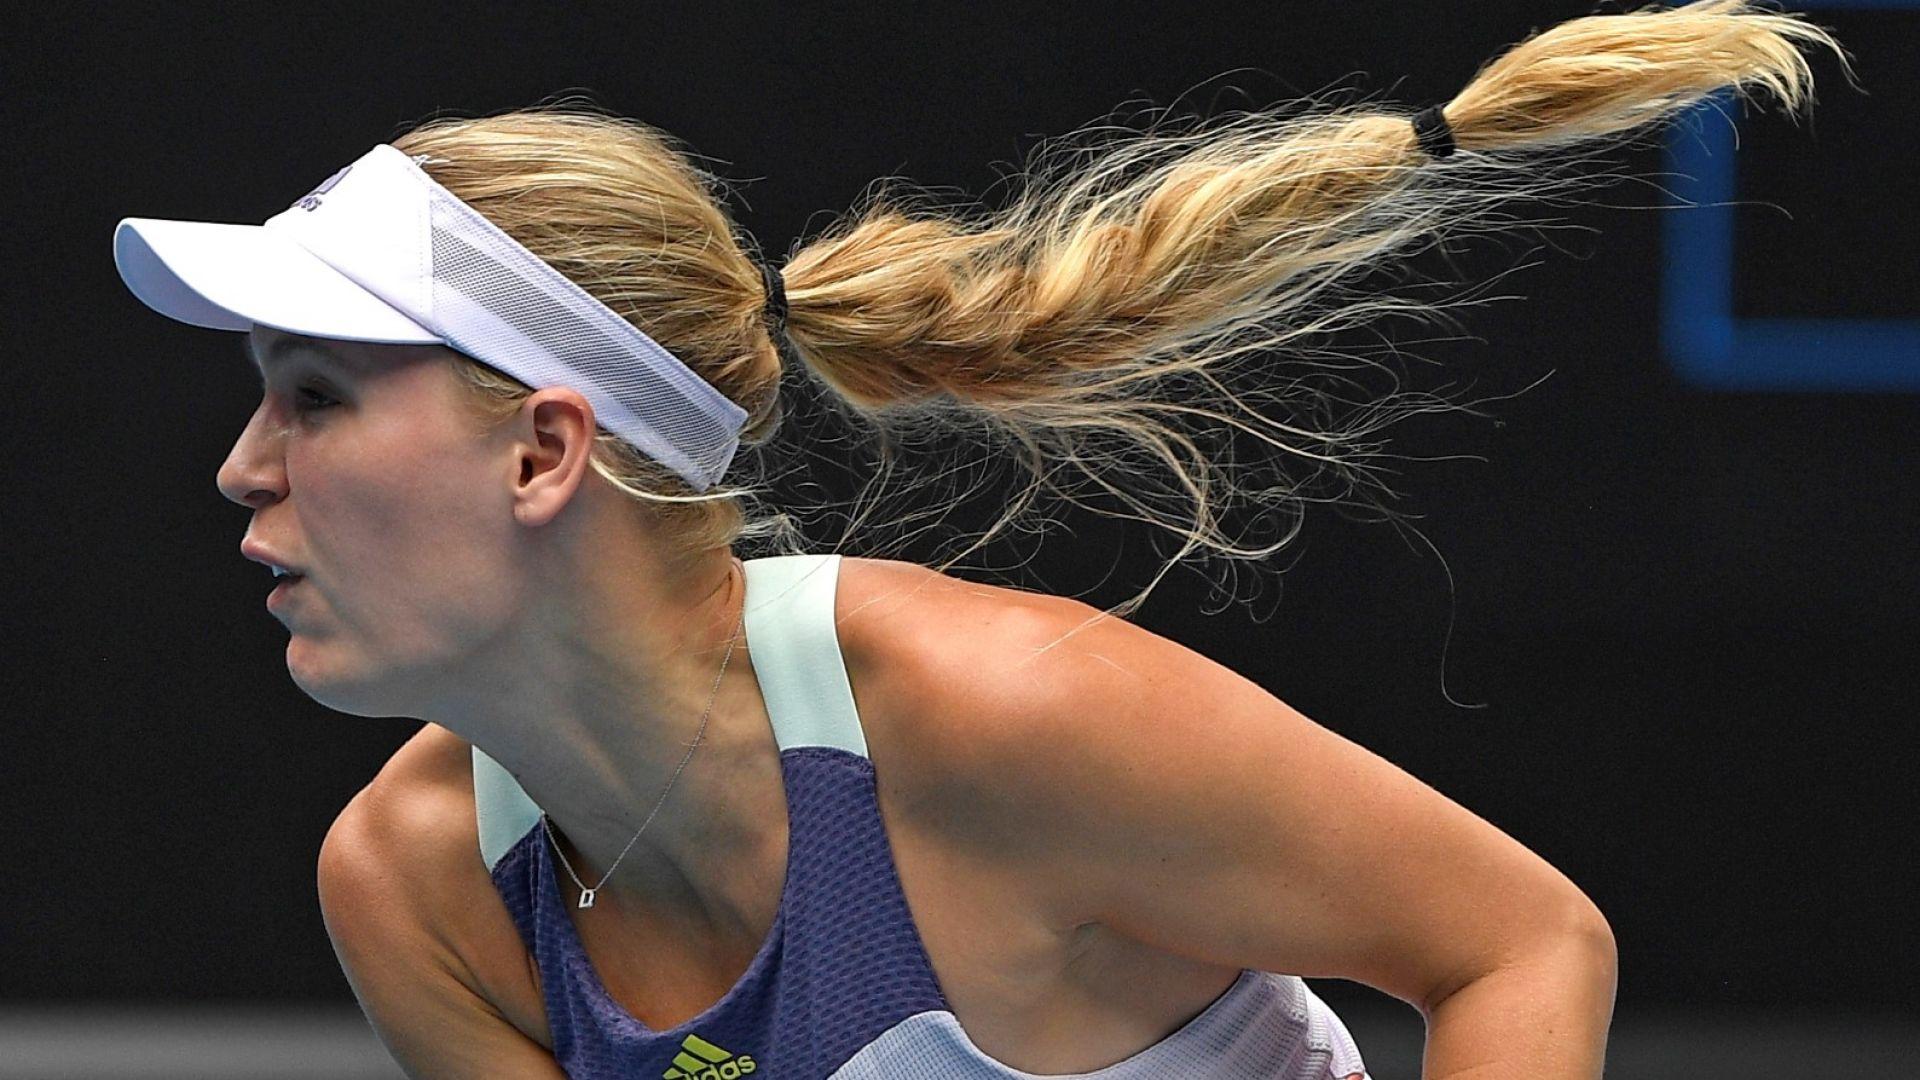 Хванаха с допинг украинка от елита на световния тенис